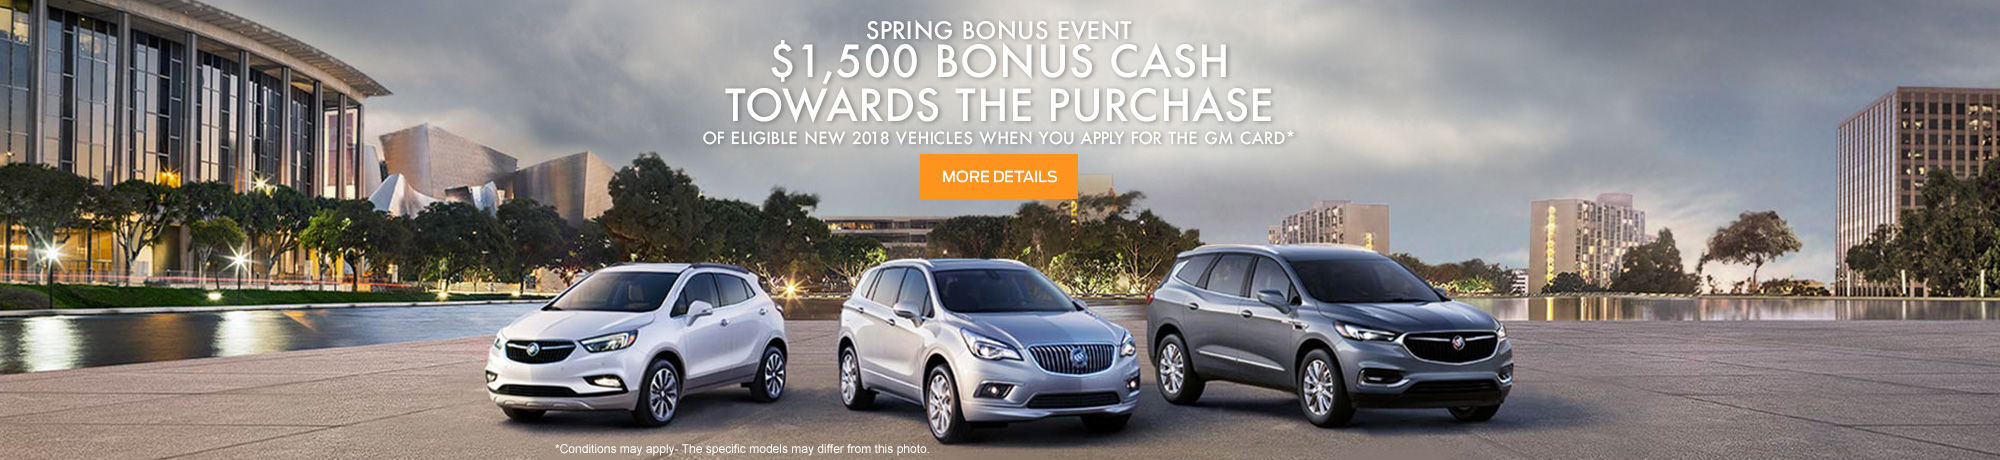 Buick Spring bonus event